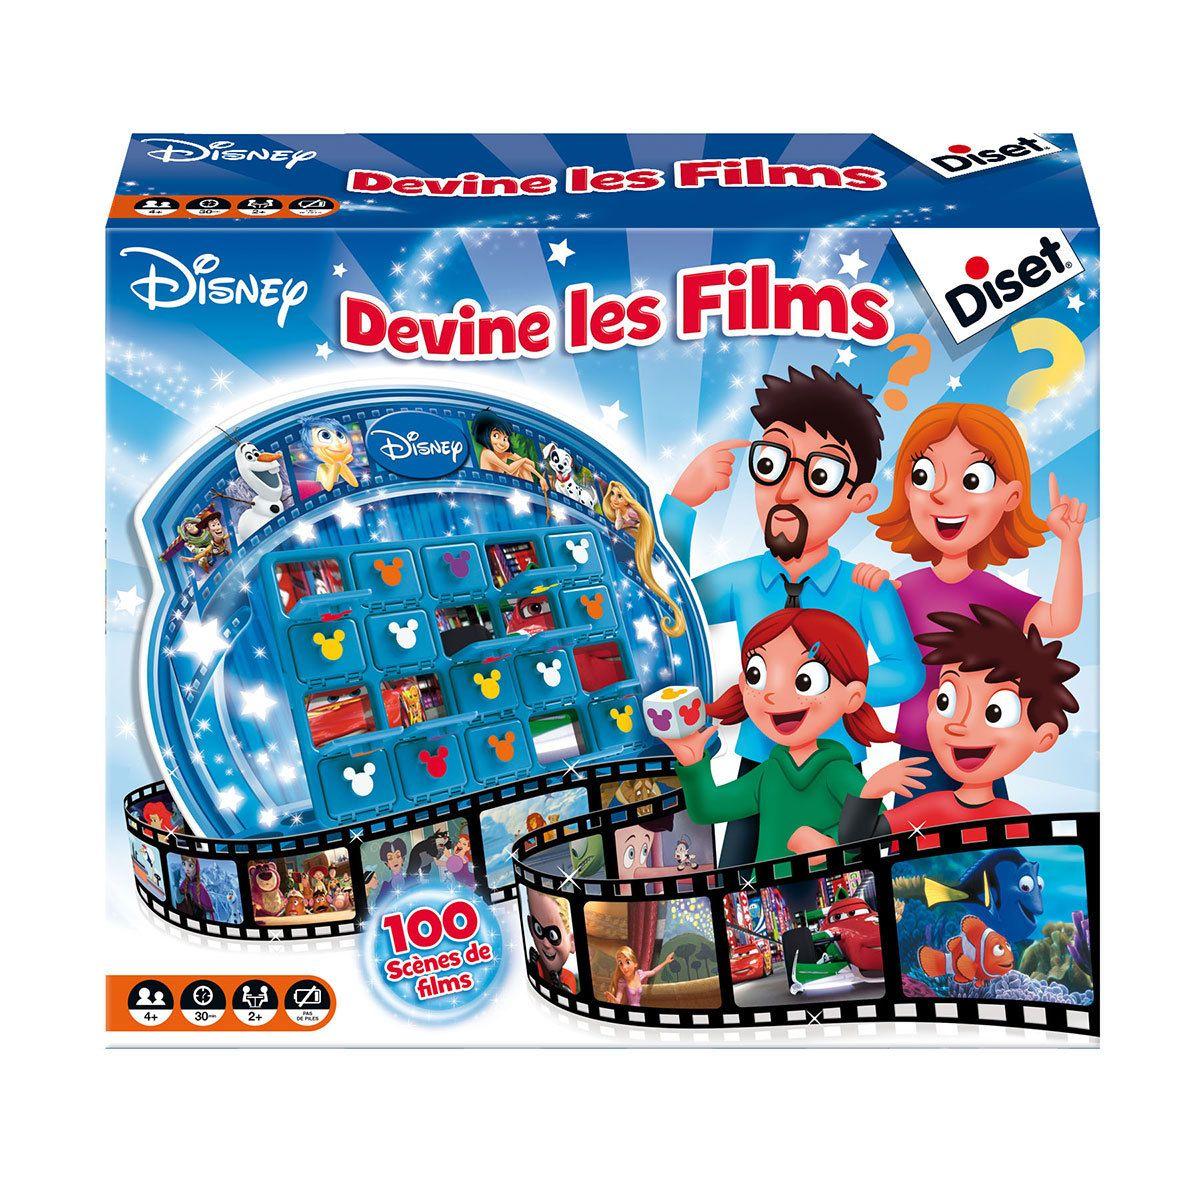 Jeu de société Devine les Films Disney Devine les Films Disney ...